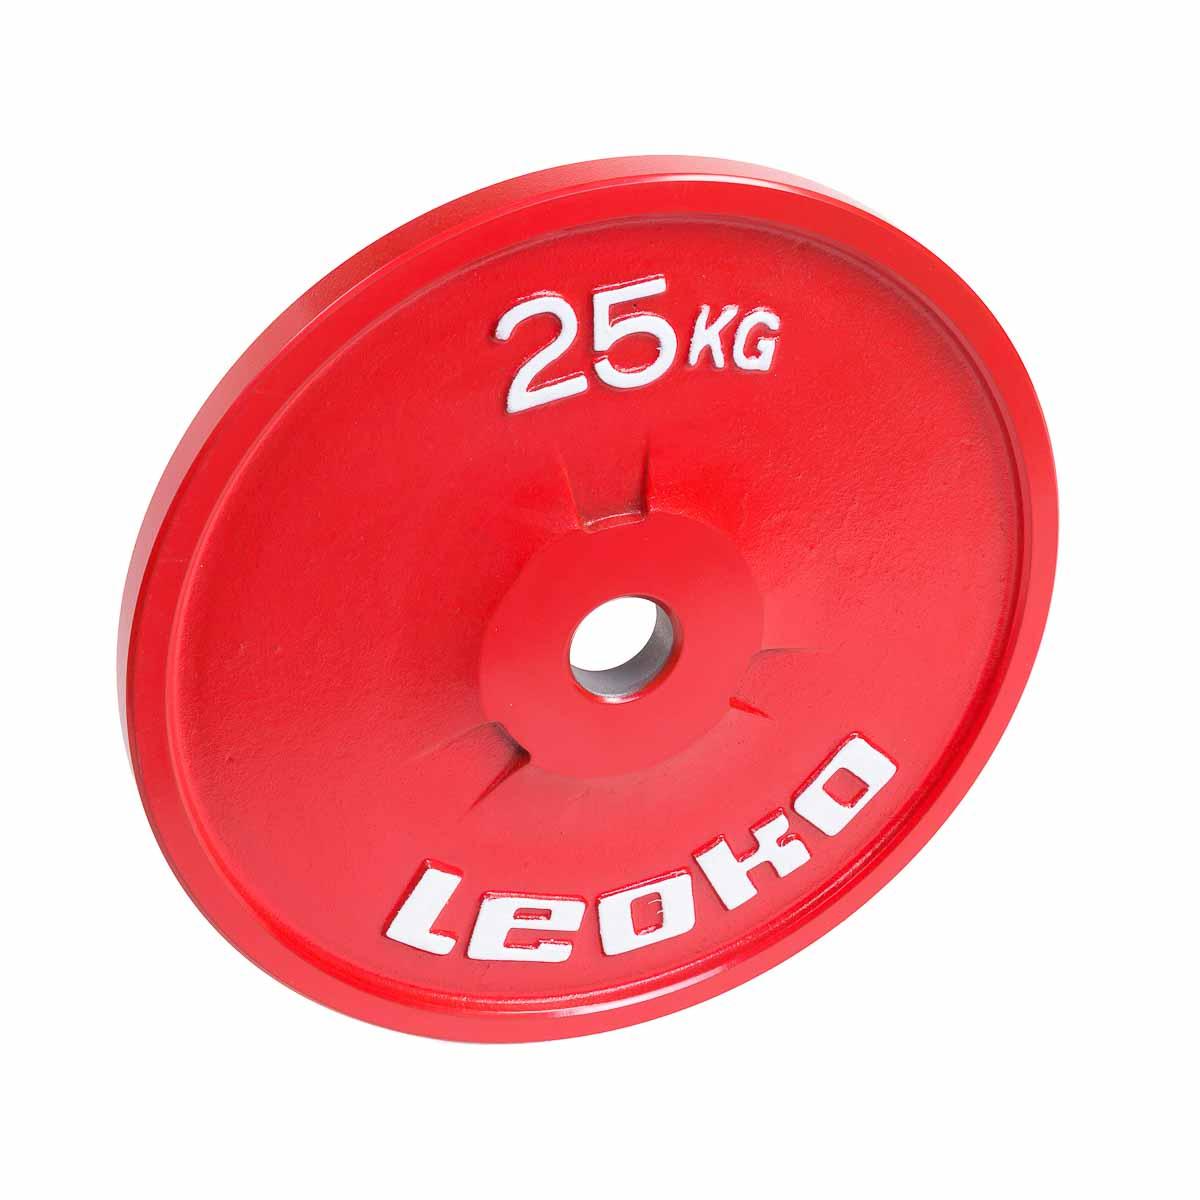 LEOKO Metallilevy IPF hyväksymä 25 kg